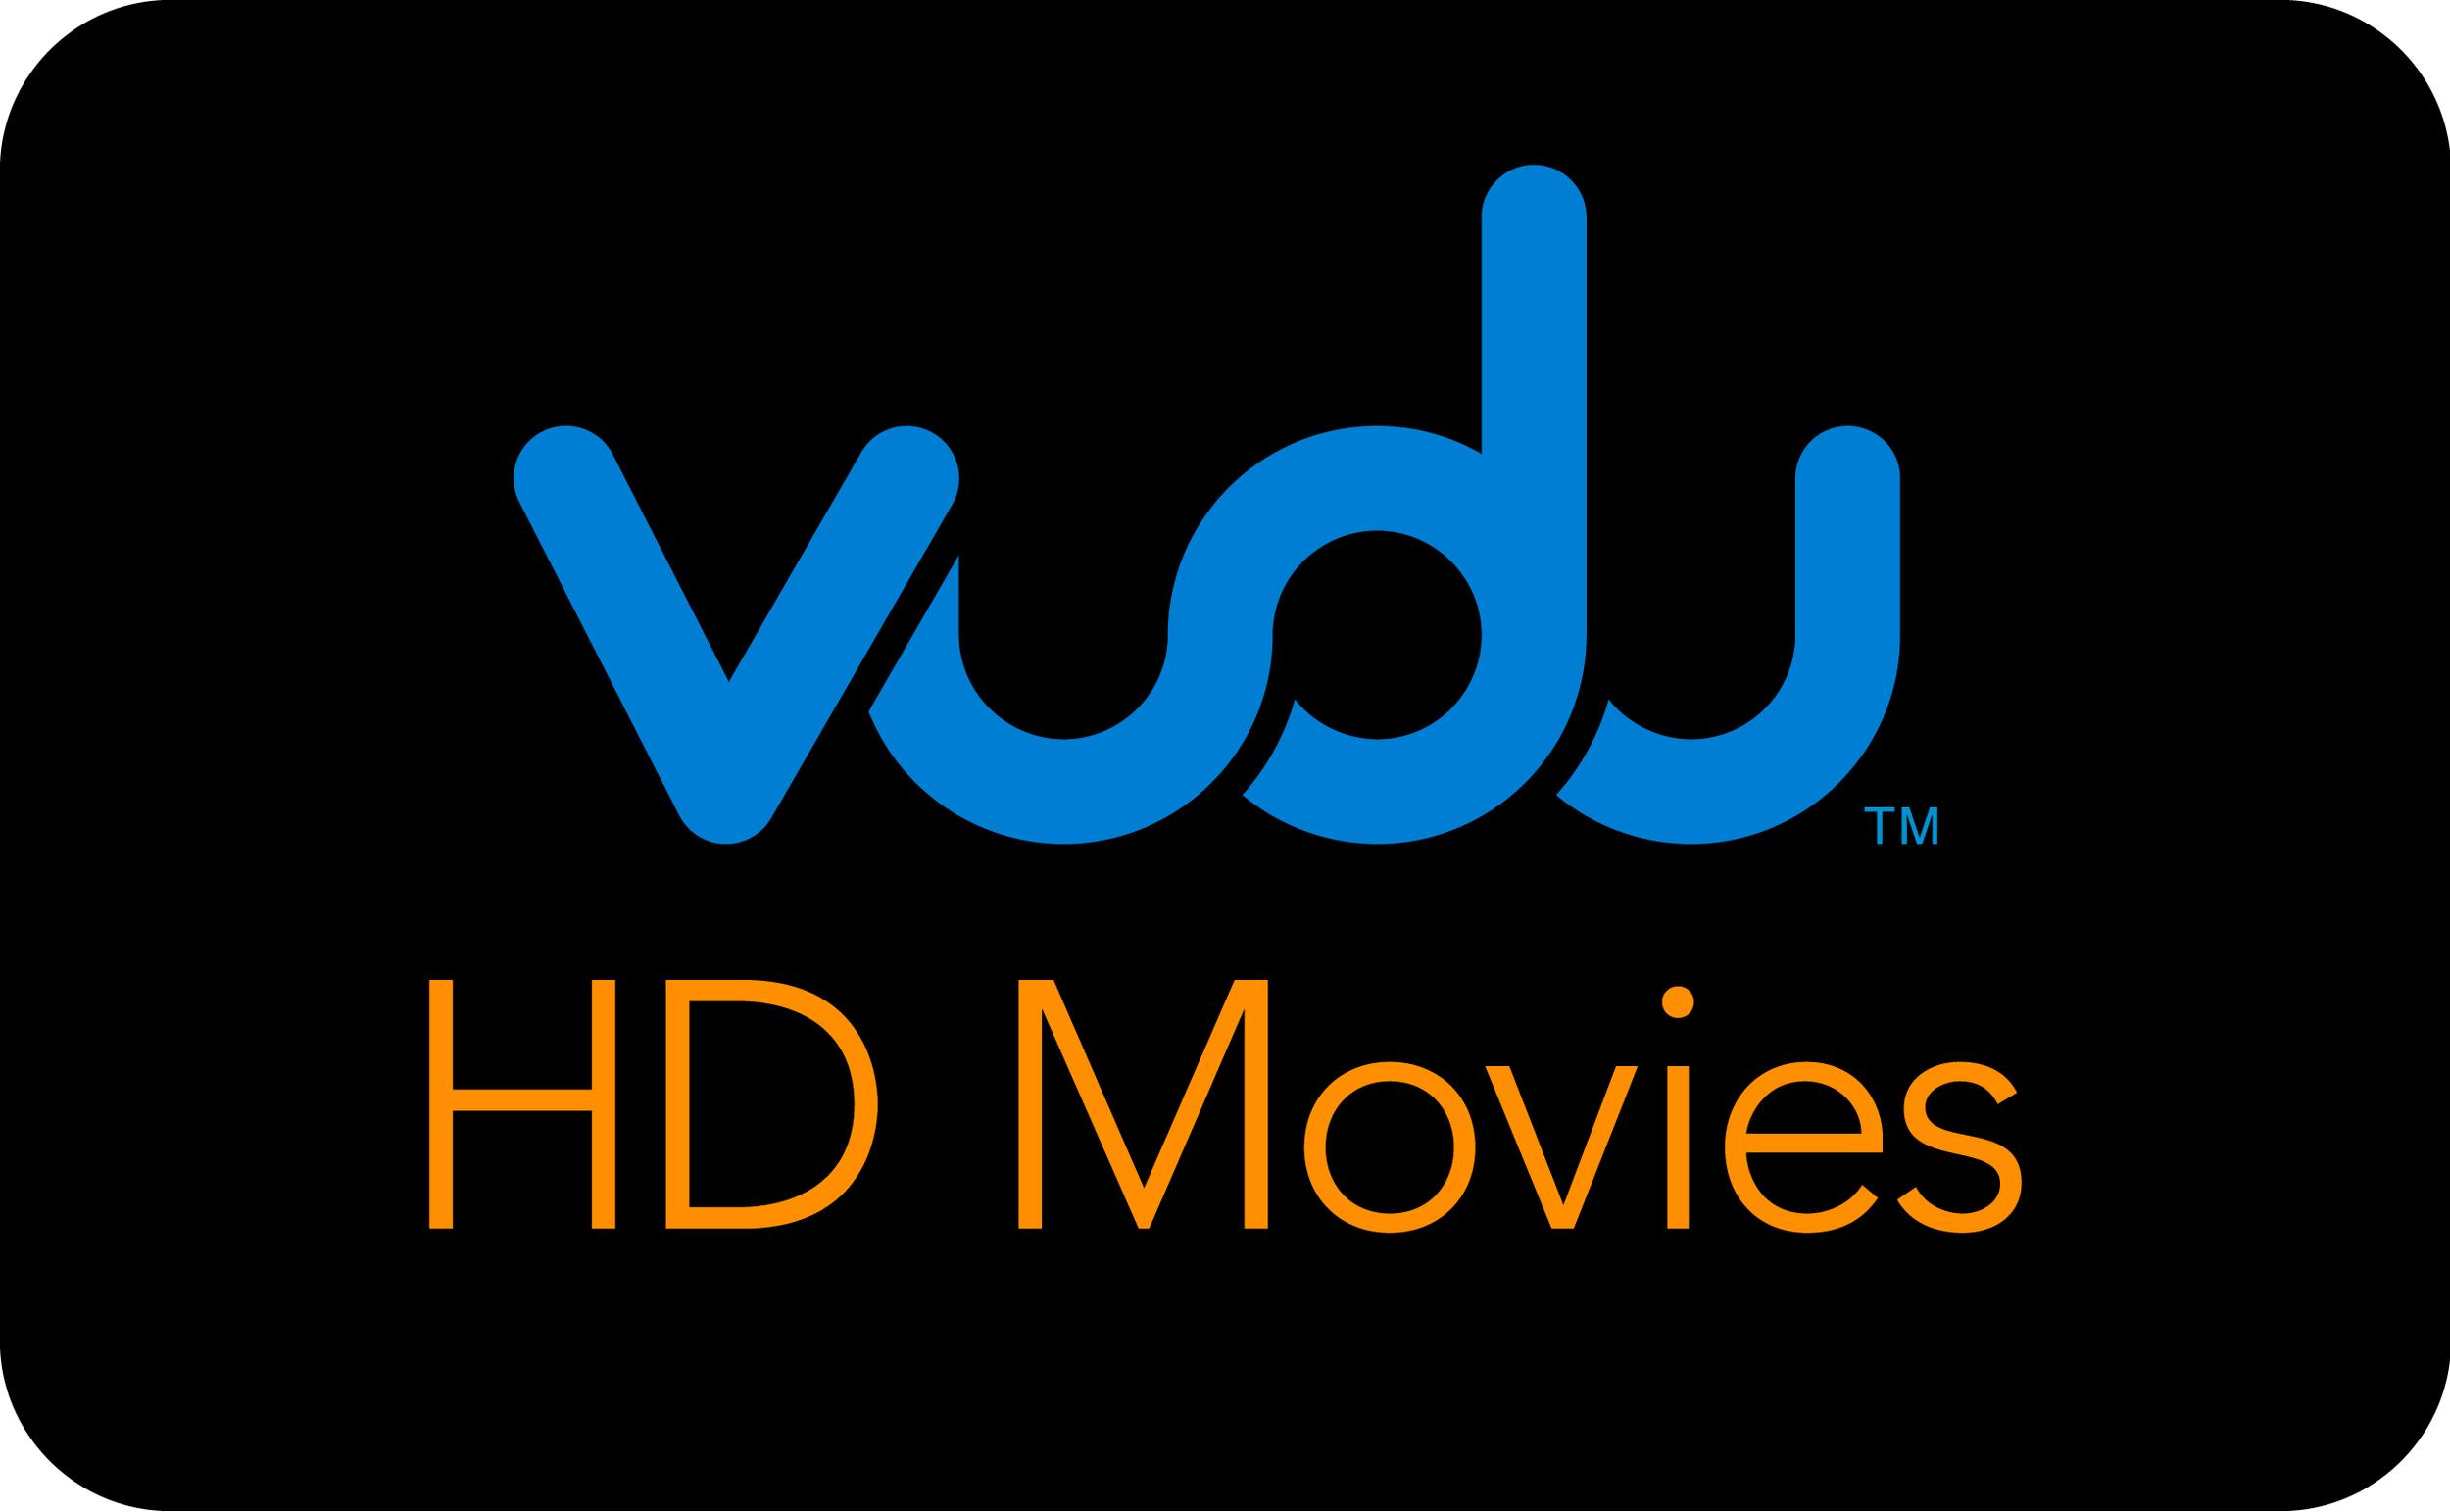 vudu-logo.jpg